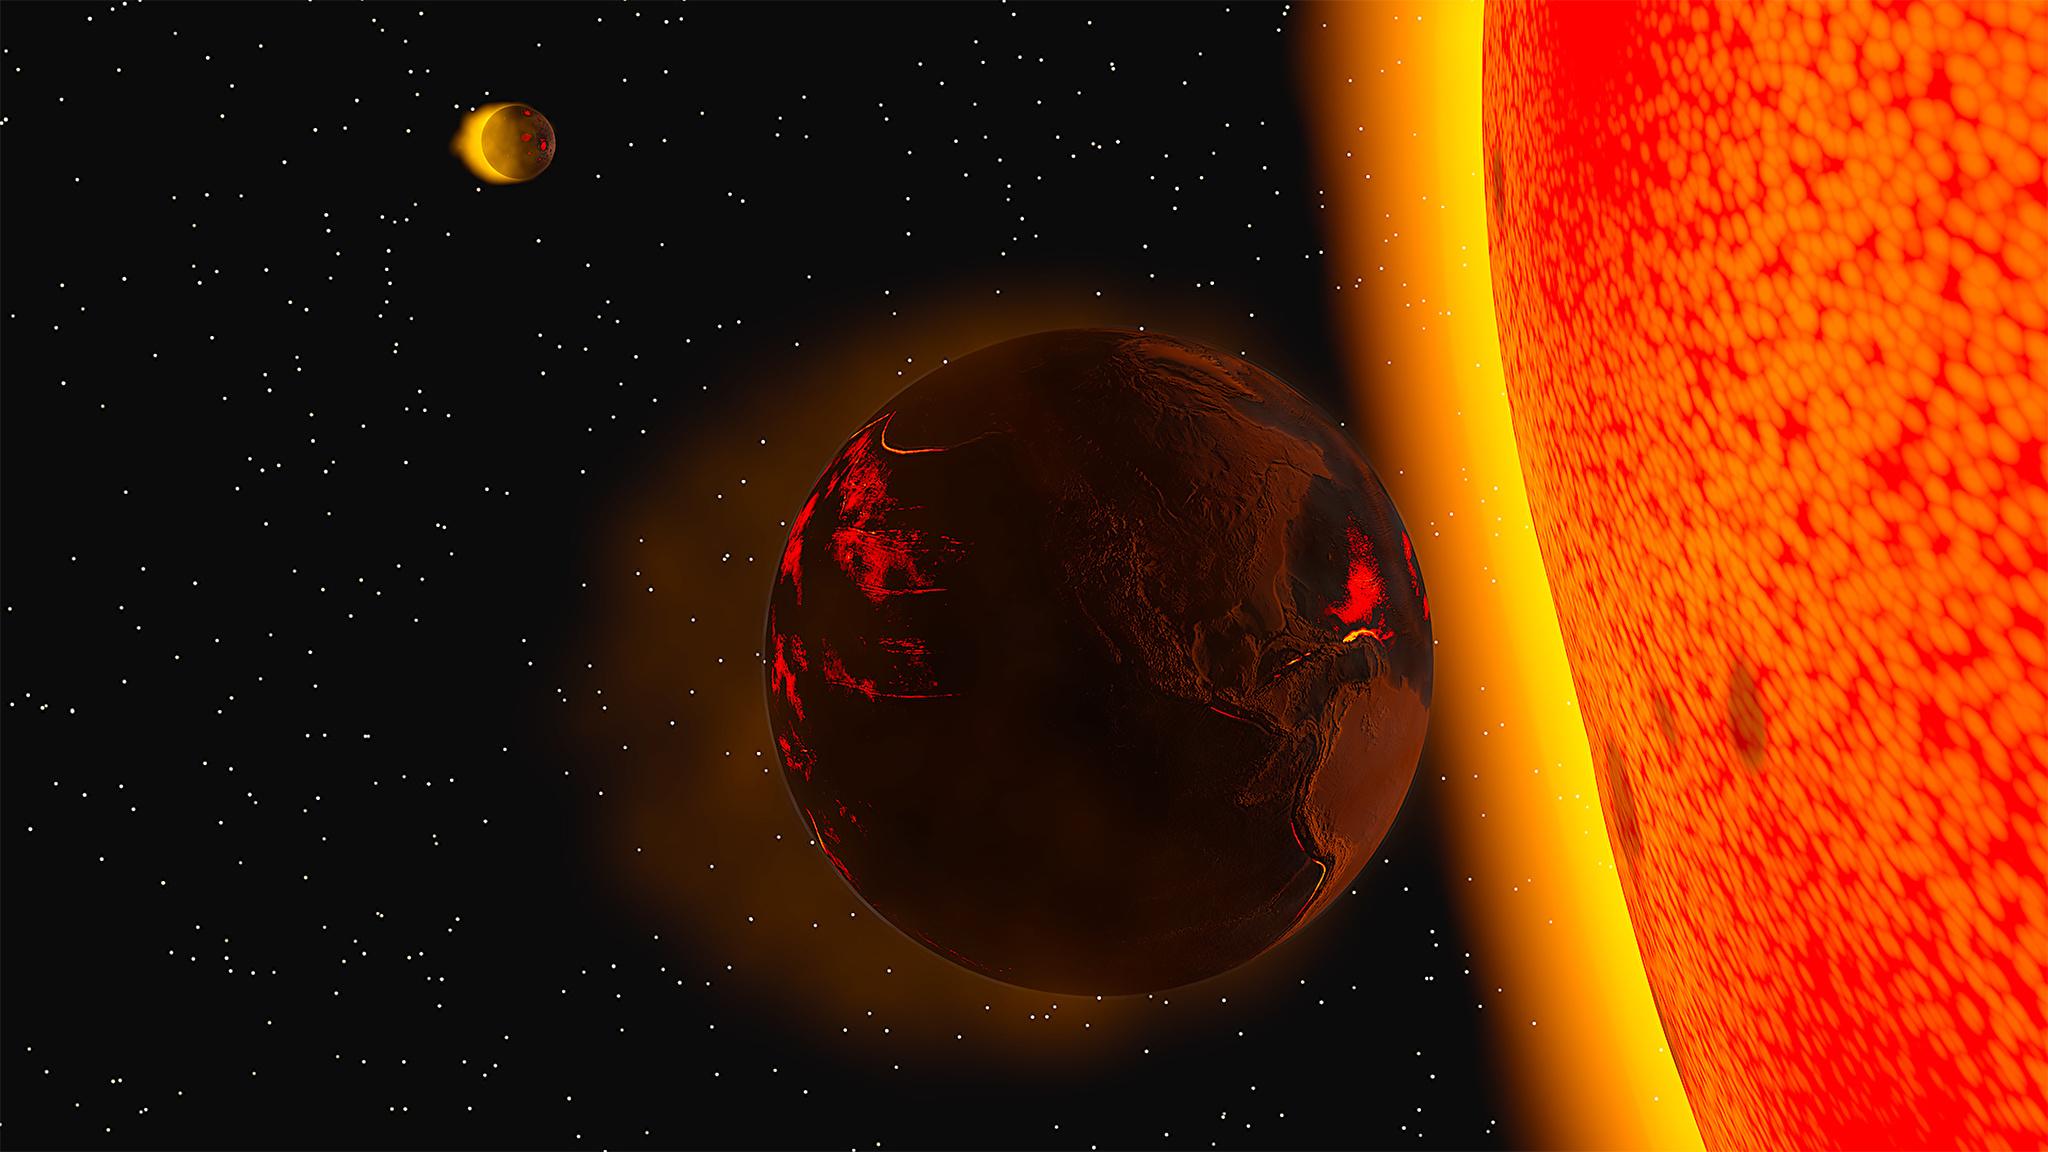 солнце земля луна the sun earth moon подборки